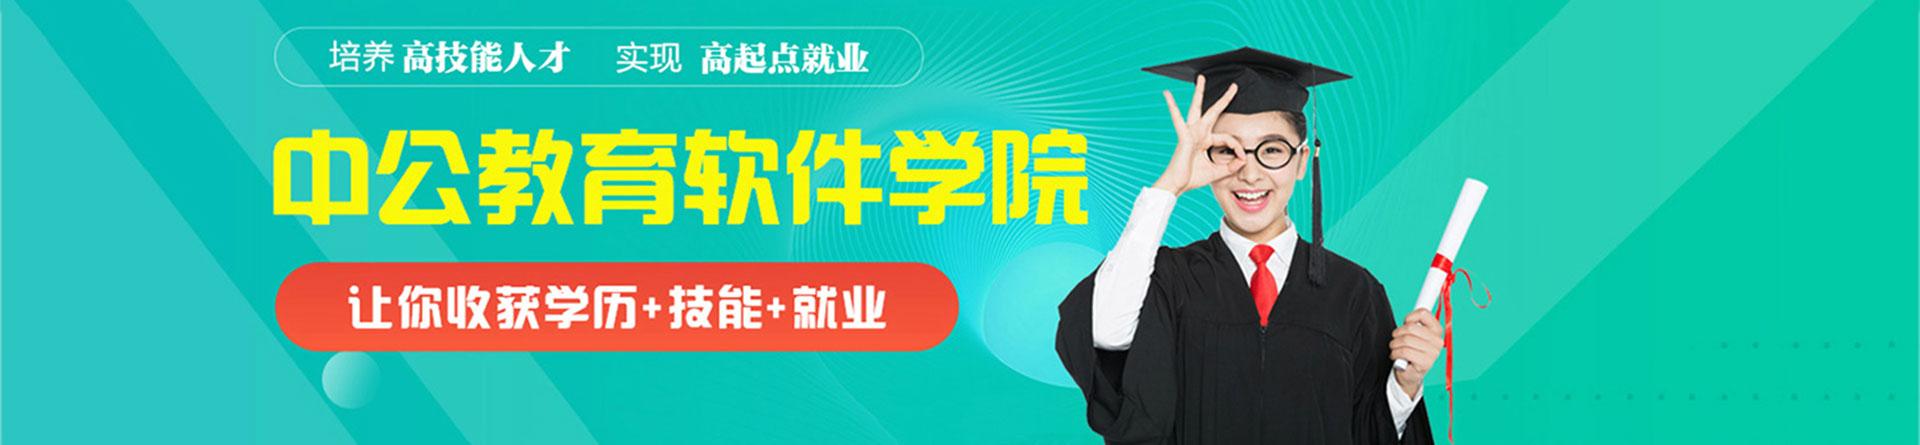 郑州中公优就业